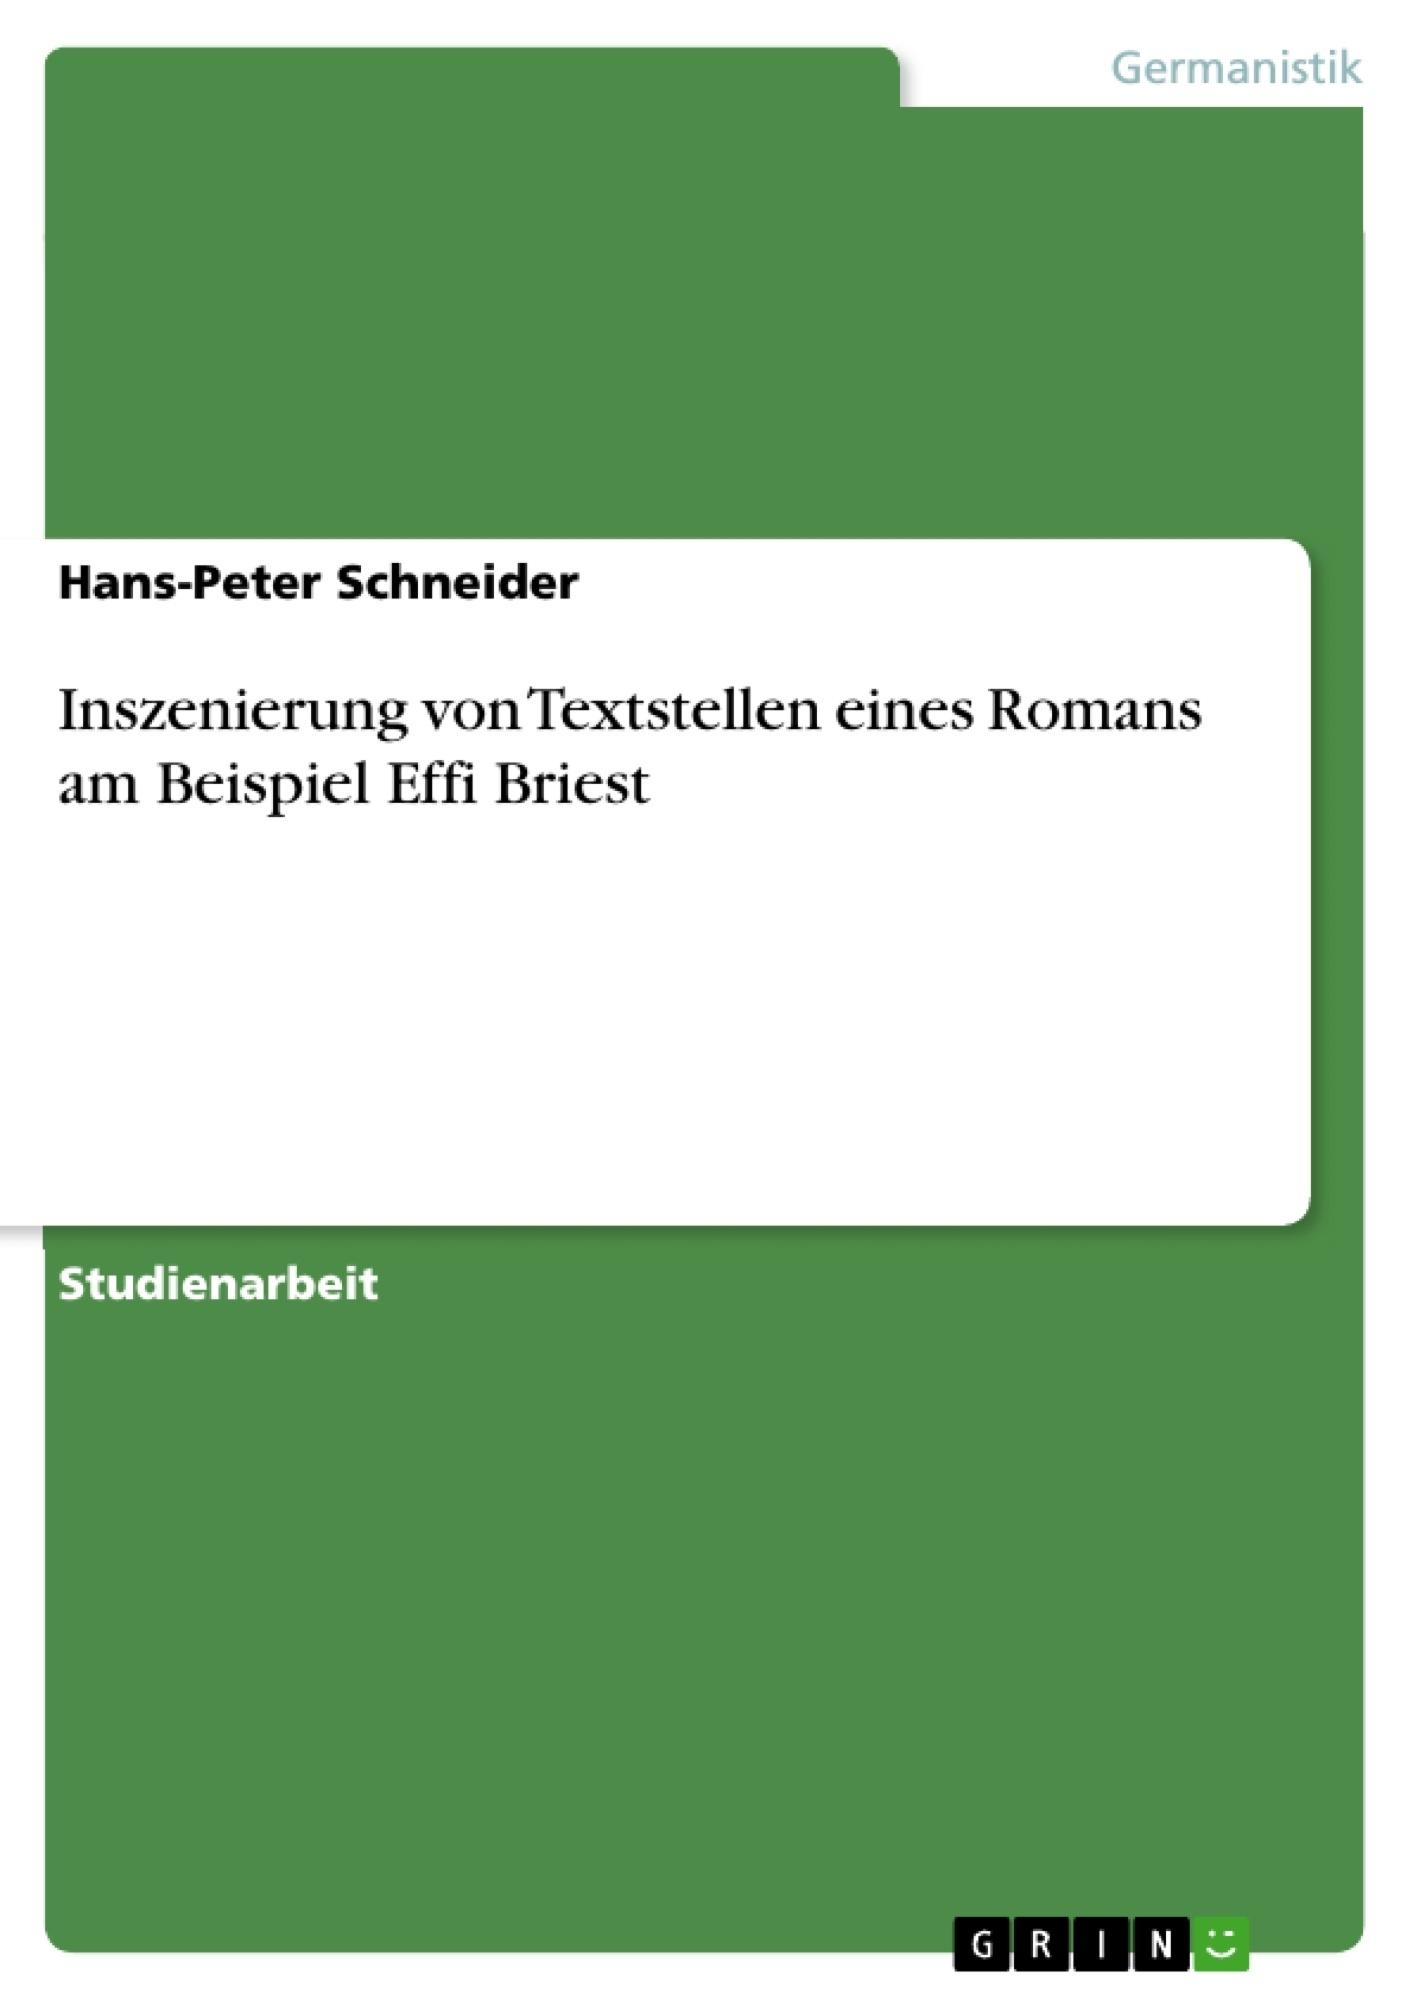 Titel: Inszenierung von Textstellen eines Romans am Beispiel Effi Briest